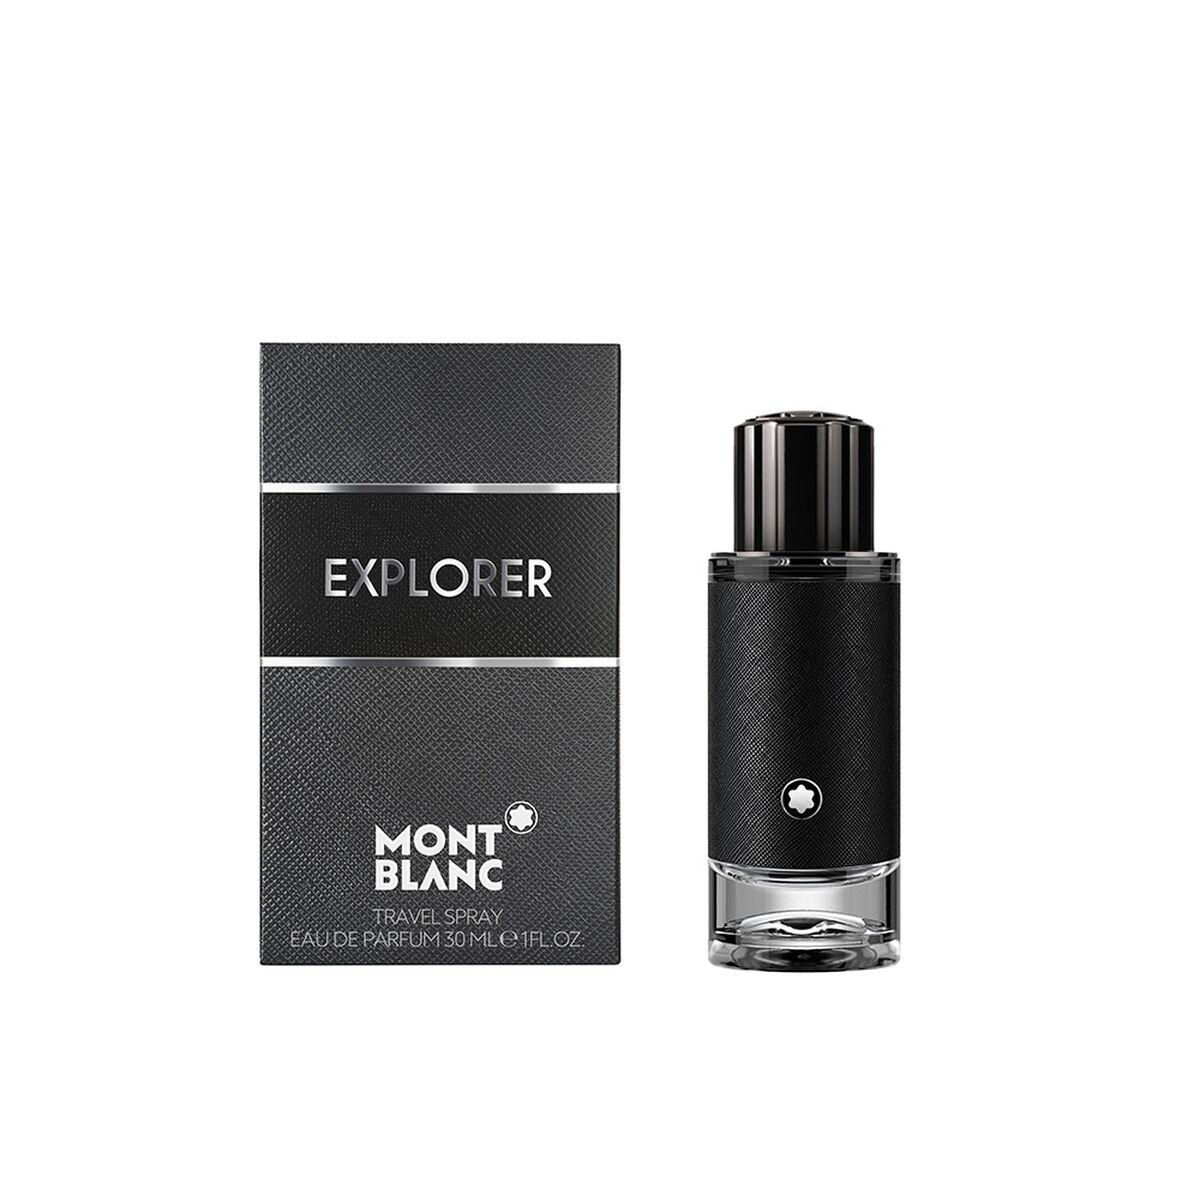 Perfume Montblanc Explorer EDT 30 ml Edición Limitada